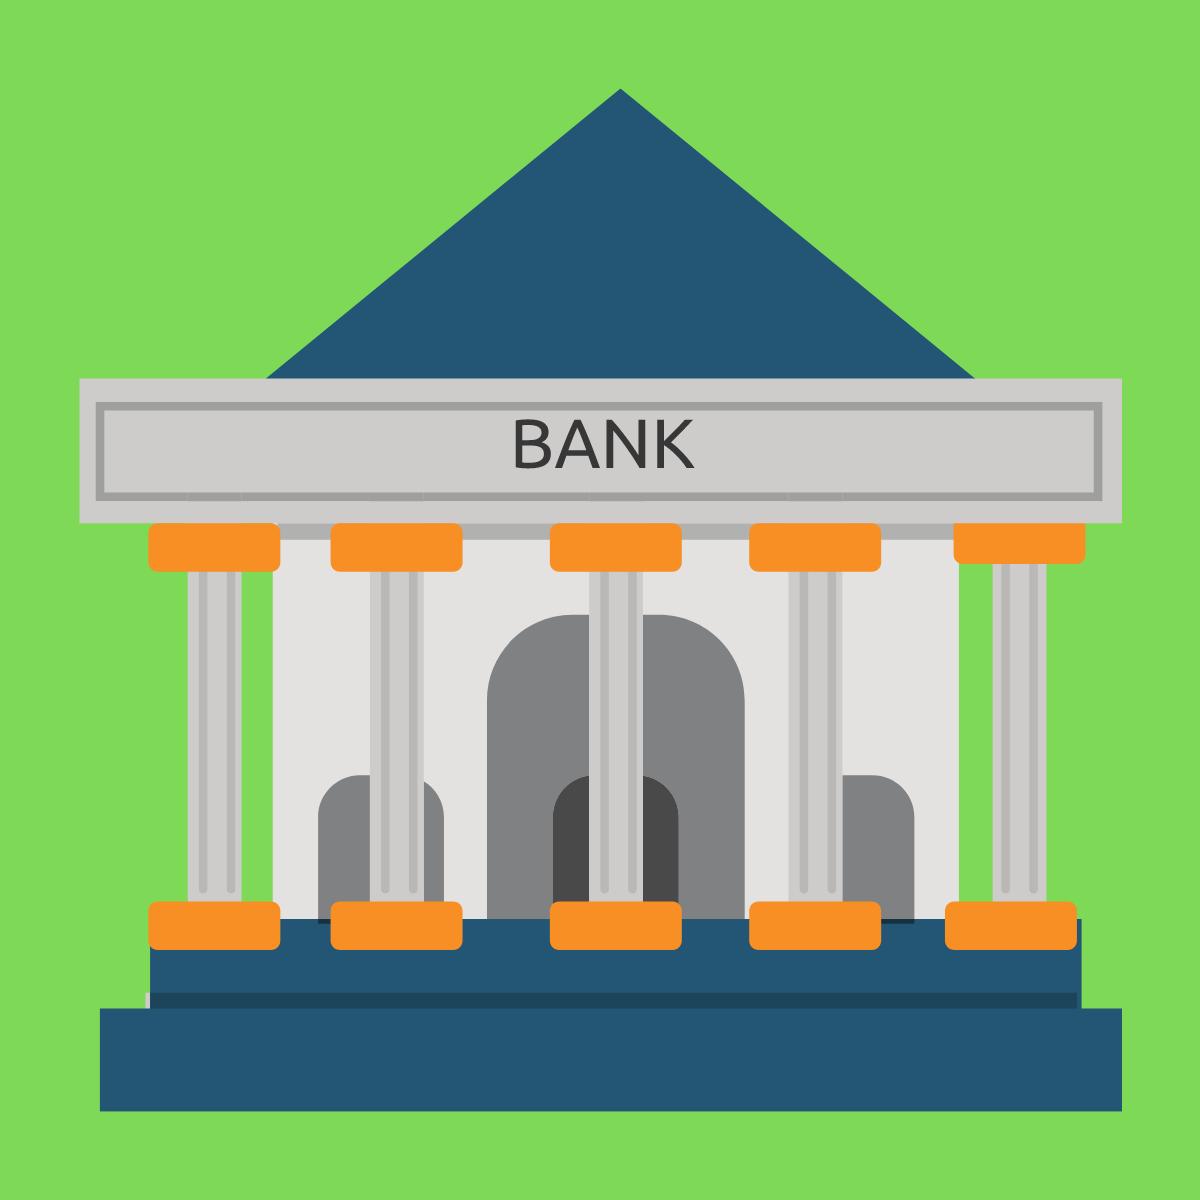 Tiered Savings Accounts